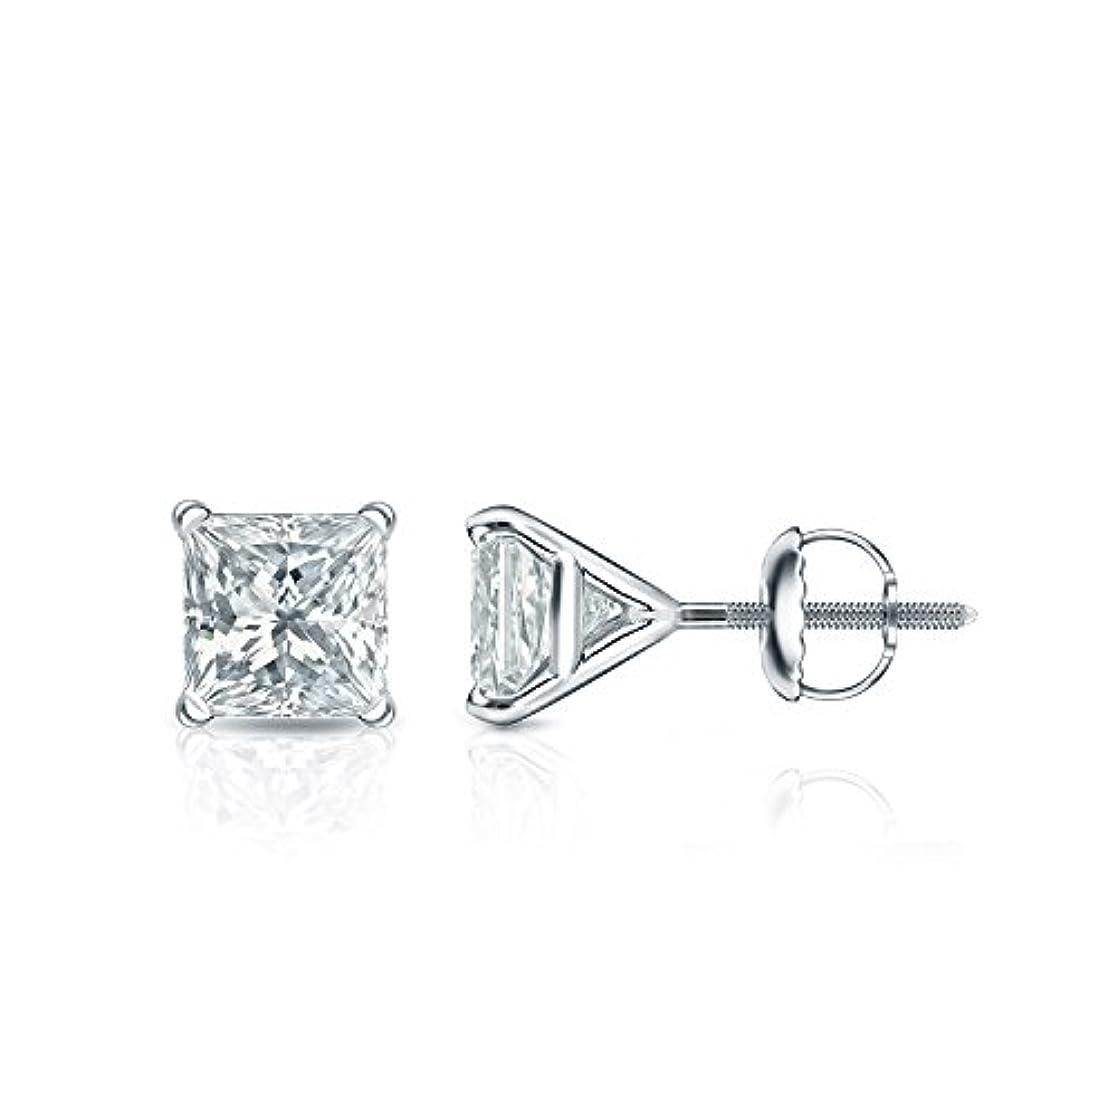 神外交嫌いプラチナ4プロングMartiniプリンセスメンズダイヤモンドスタッドイヤリング( 1 / 4 – 2 ct、Oホワイト、i1 - i2 ) screw-back